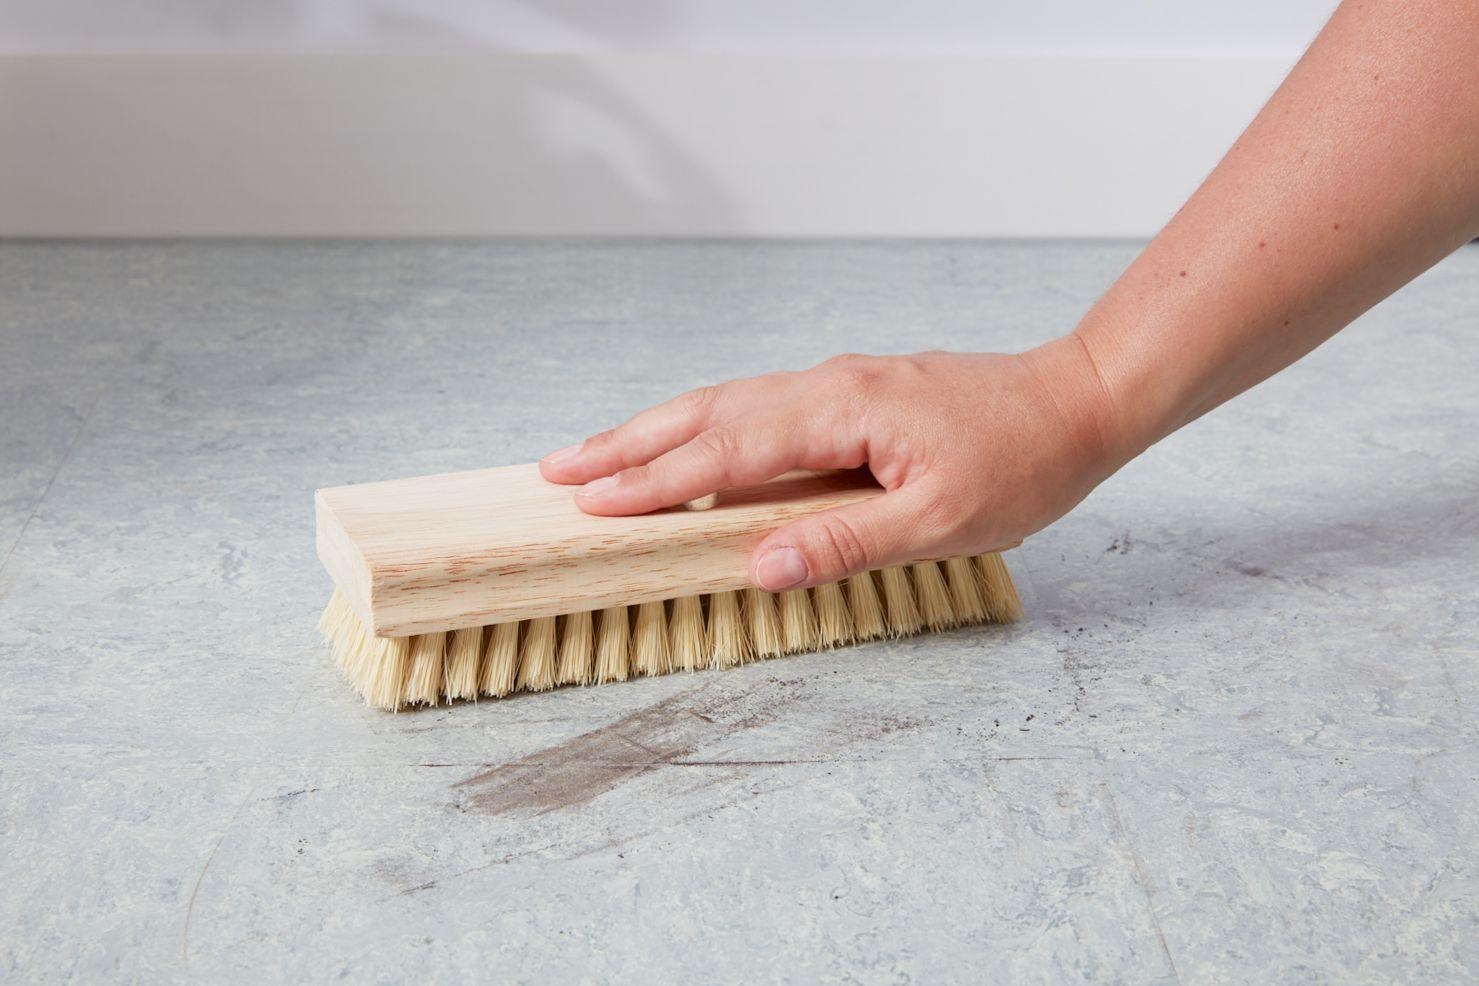 Scrubbing stain on linoleum floor